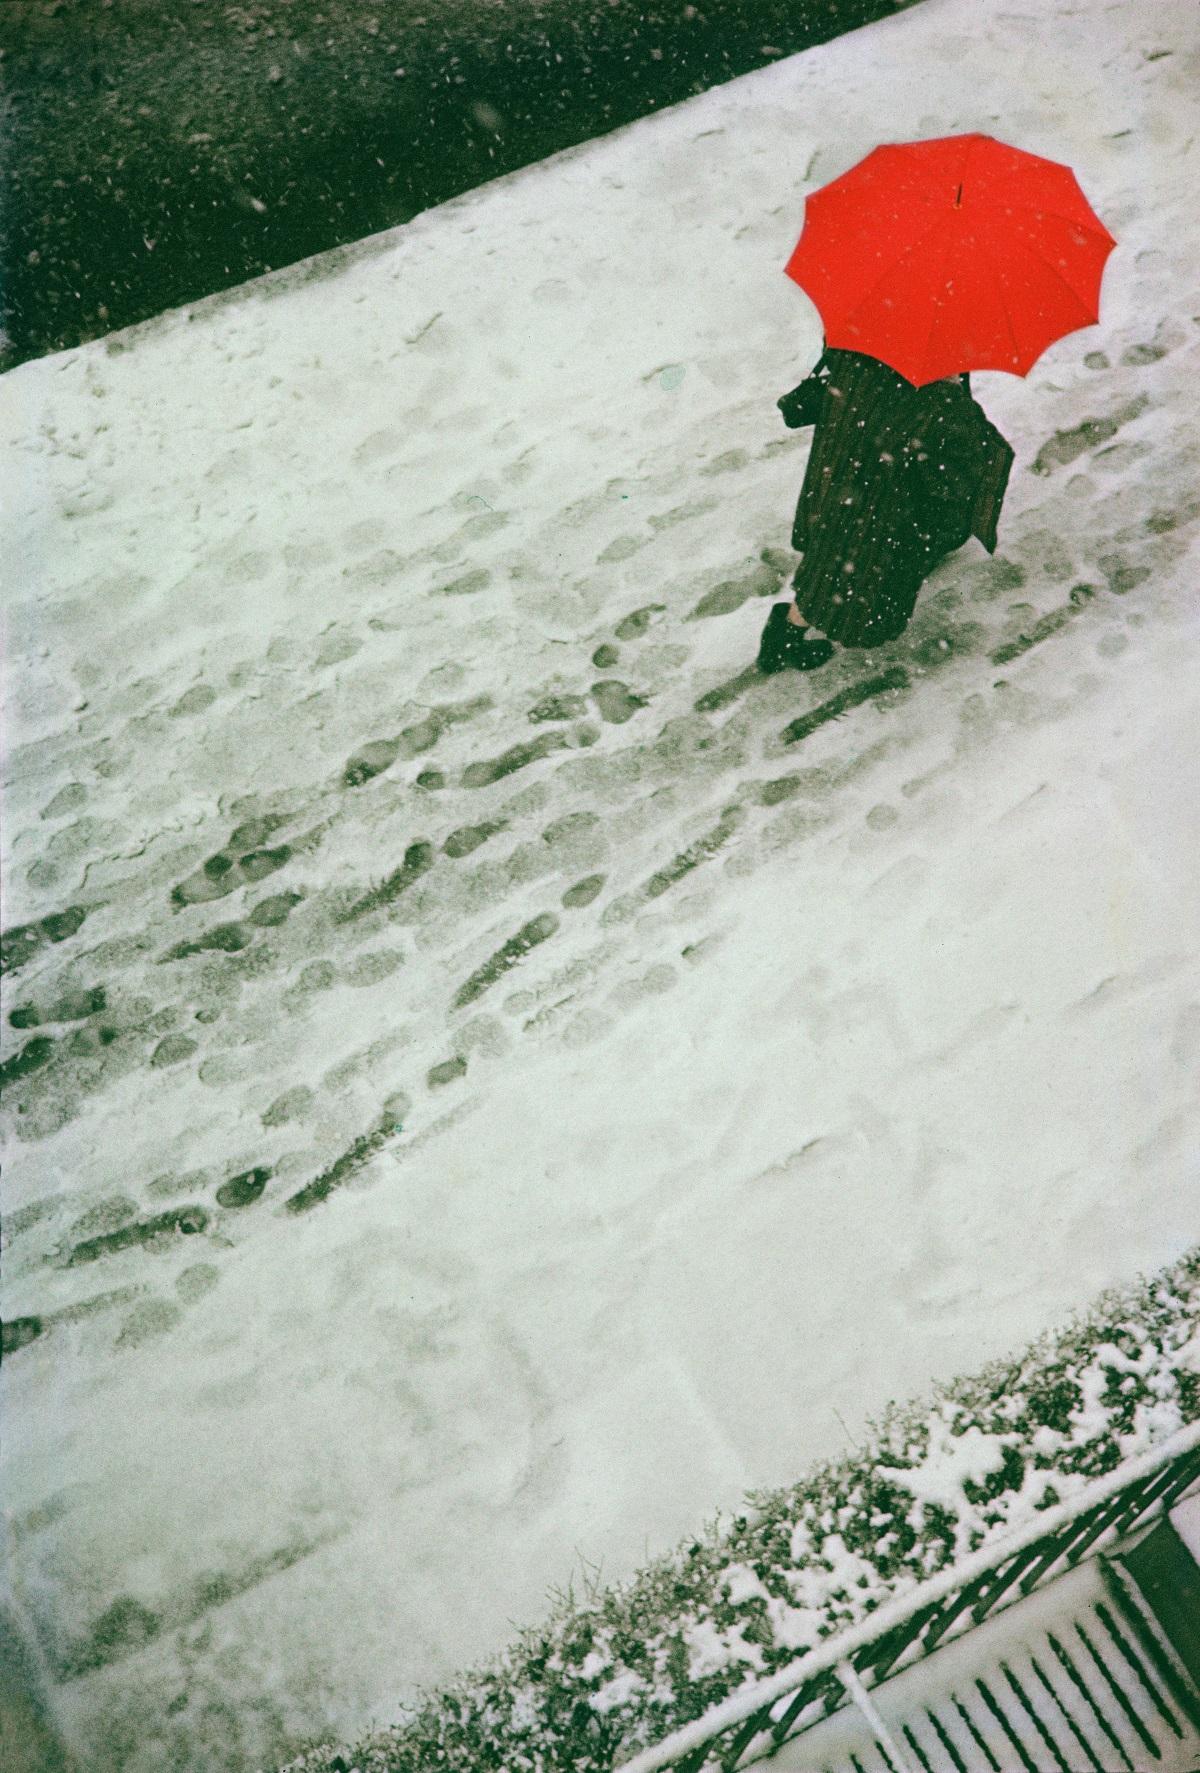 ソール・ライター ≪足跡≫ 1950年 ソール・ライター財団蔵 ⒸSaul Leiter Estate